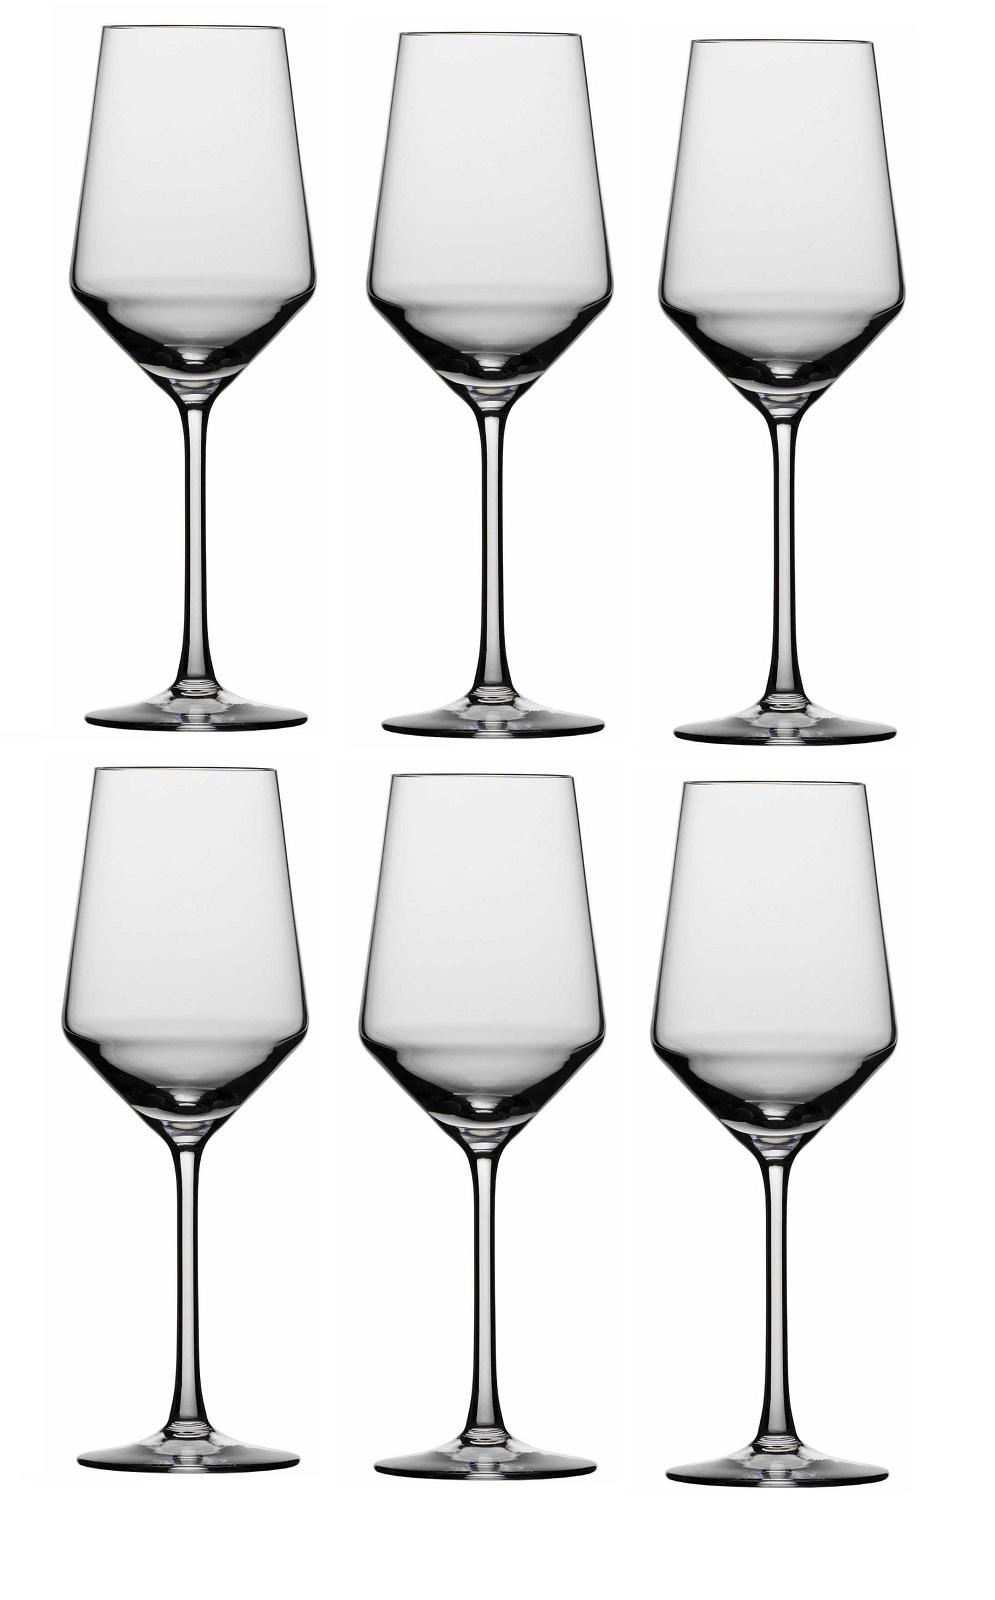 Набор бокалов для белого вина Schott Zwiesel PURE, объем 0,408 л, прозрачный, 6 штук Schott Zwiesel 112412_6шт фото 0